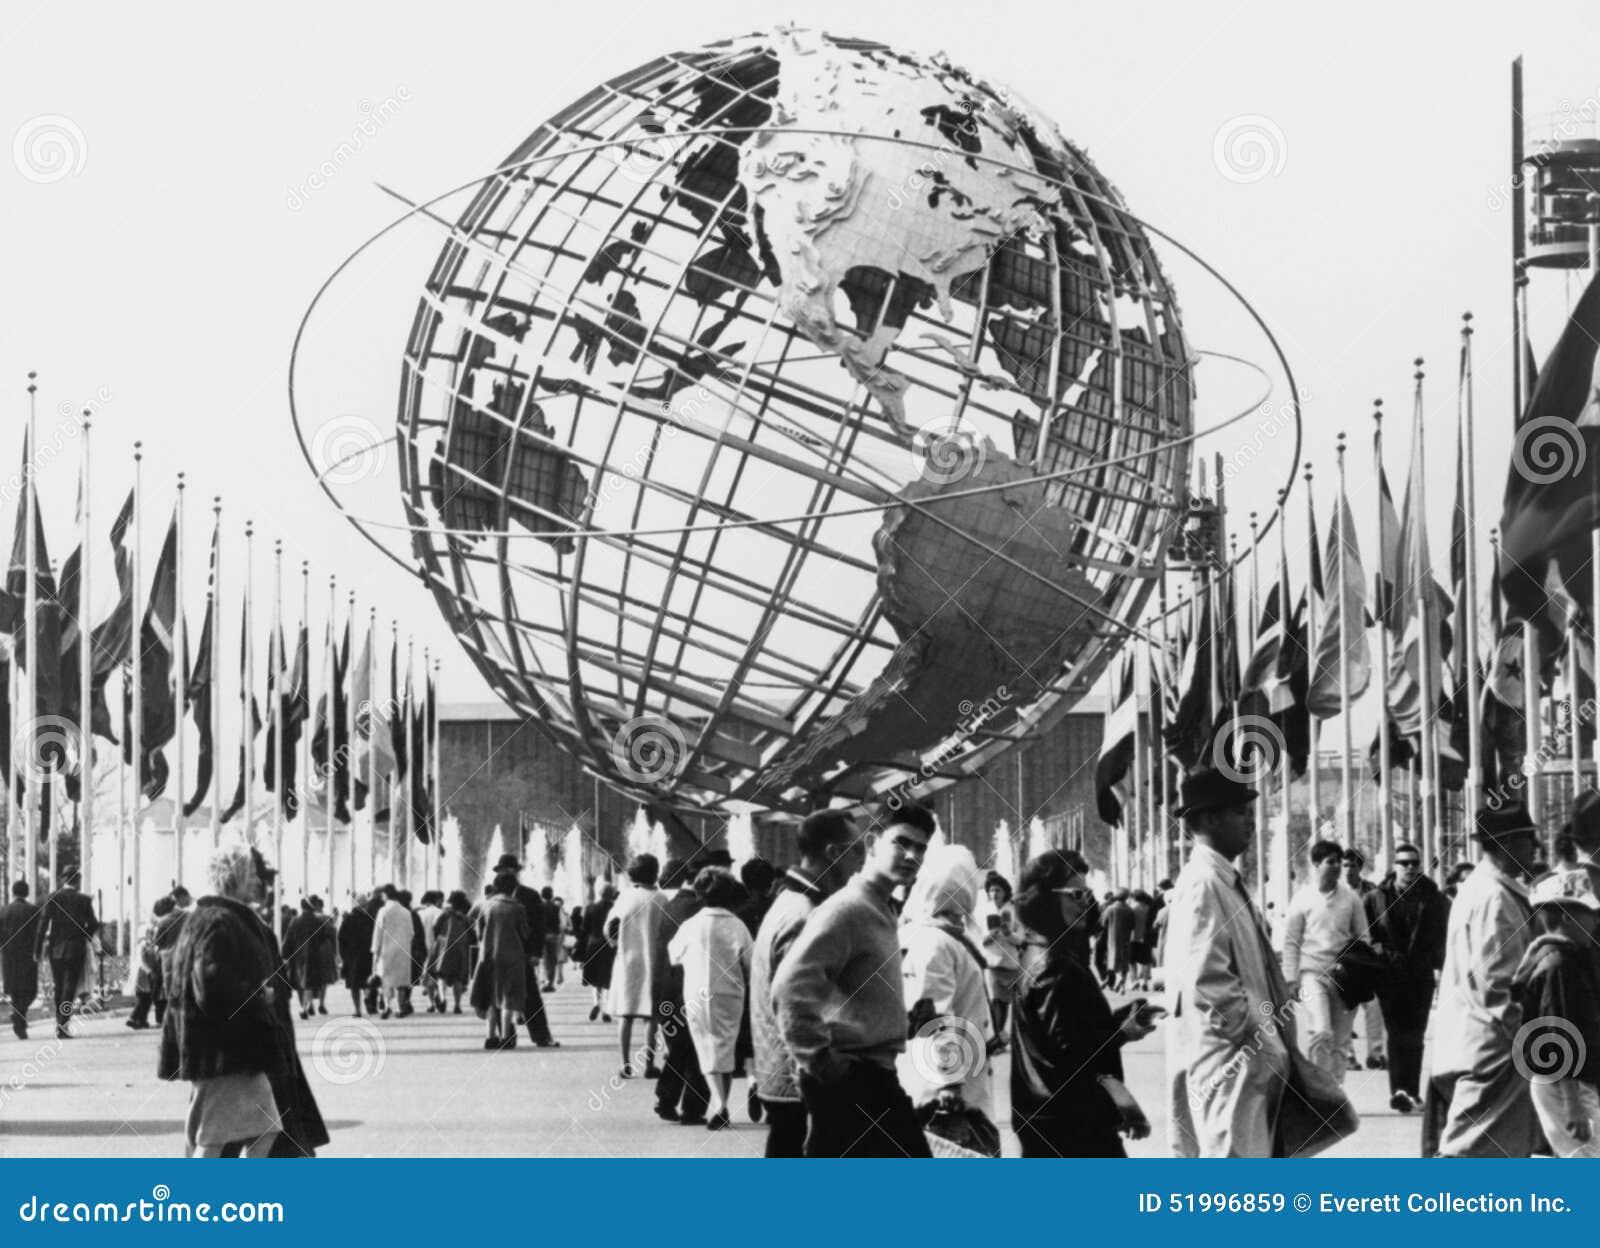 Το Unisphere, σύμβολο της παγκόσμιας έκθεσης της Νέας Υόρκης 1964-65 Ξεπλένοντας πάρκο λιβαδιών, Νέα Υόρκη (όλα τα πρόσωπα που απ